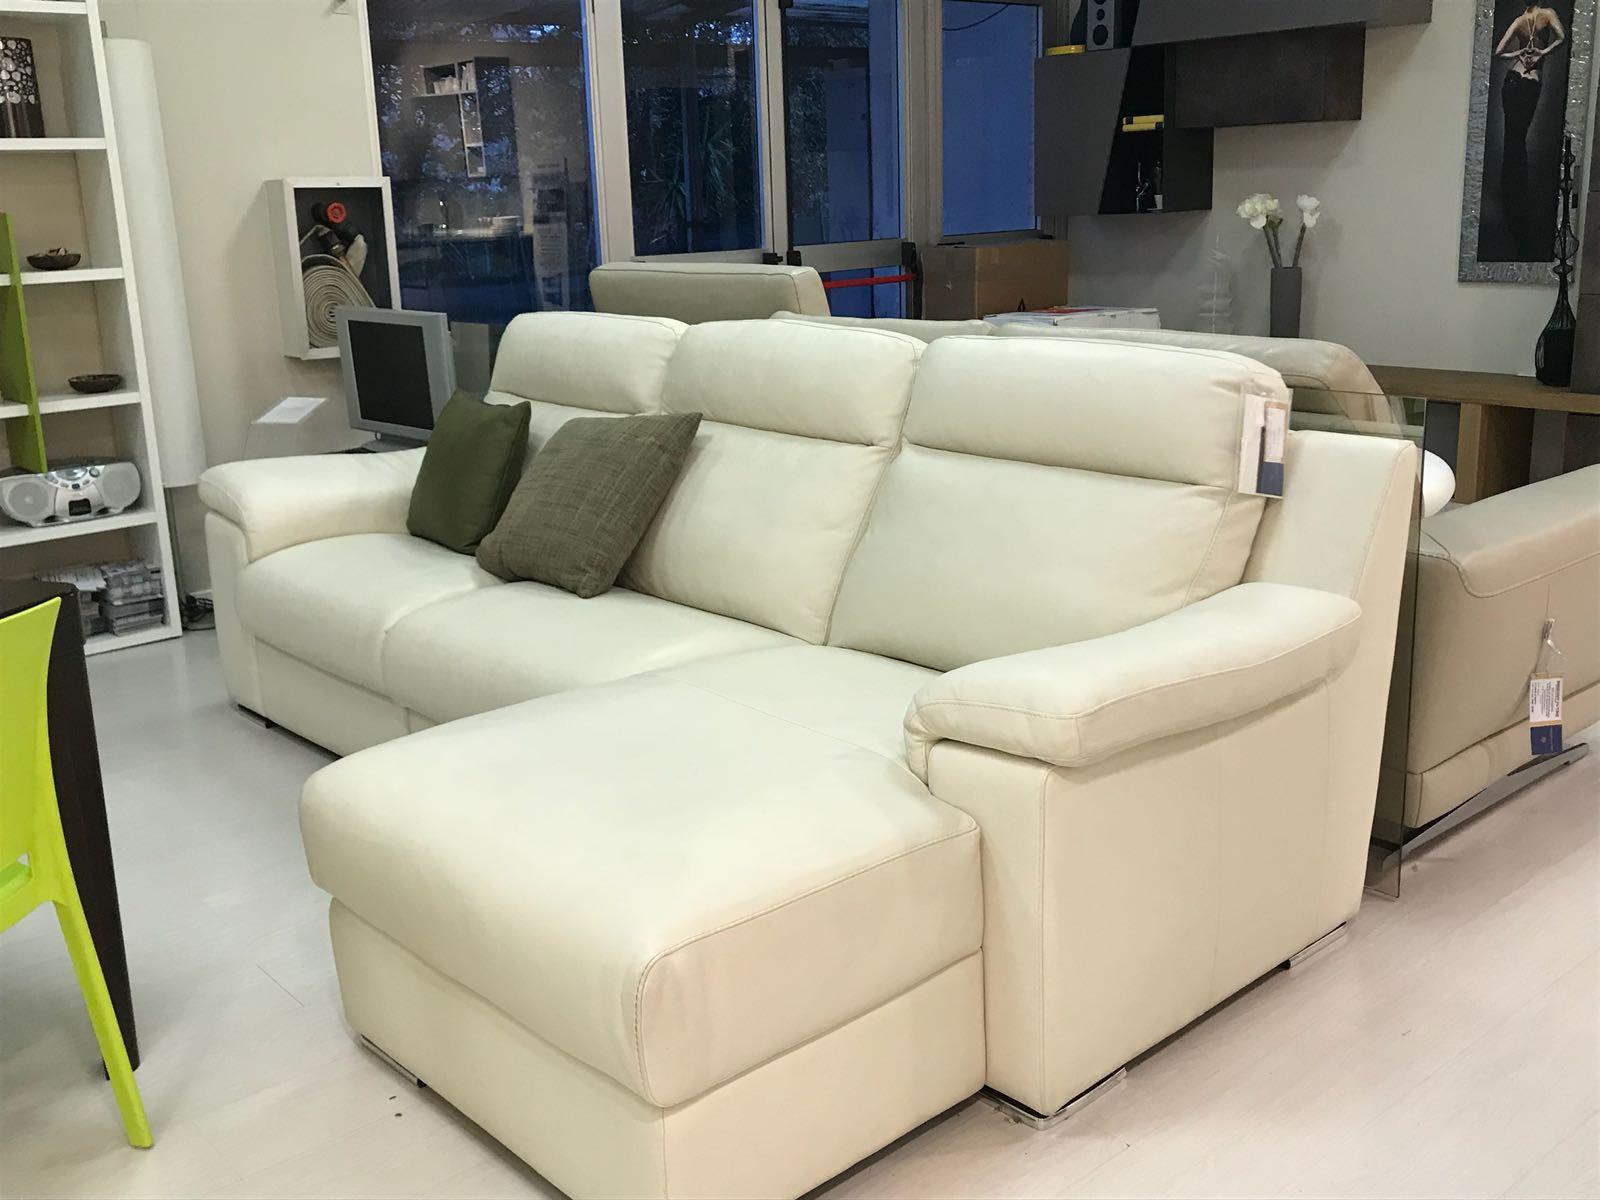 Showroom divani arredamenti pastorearredamenti pastore for Pastore arredamenti